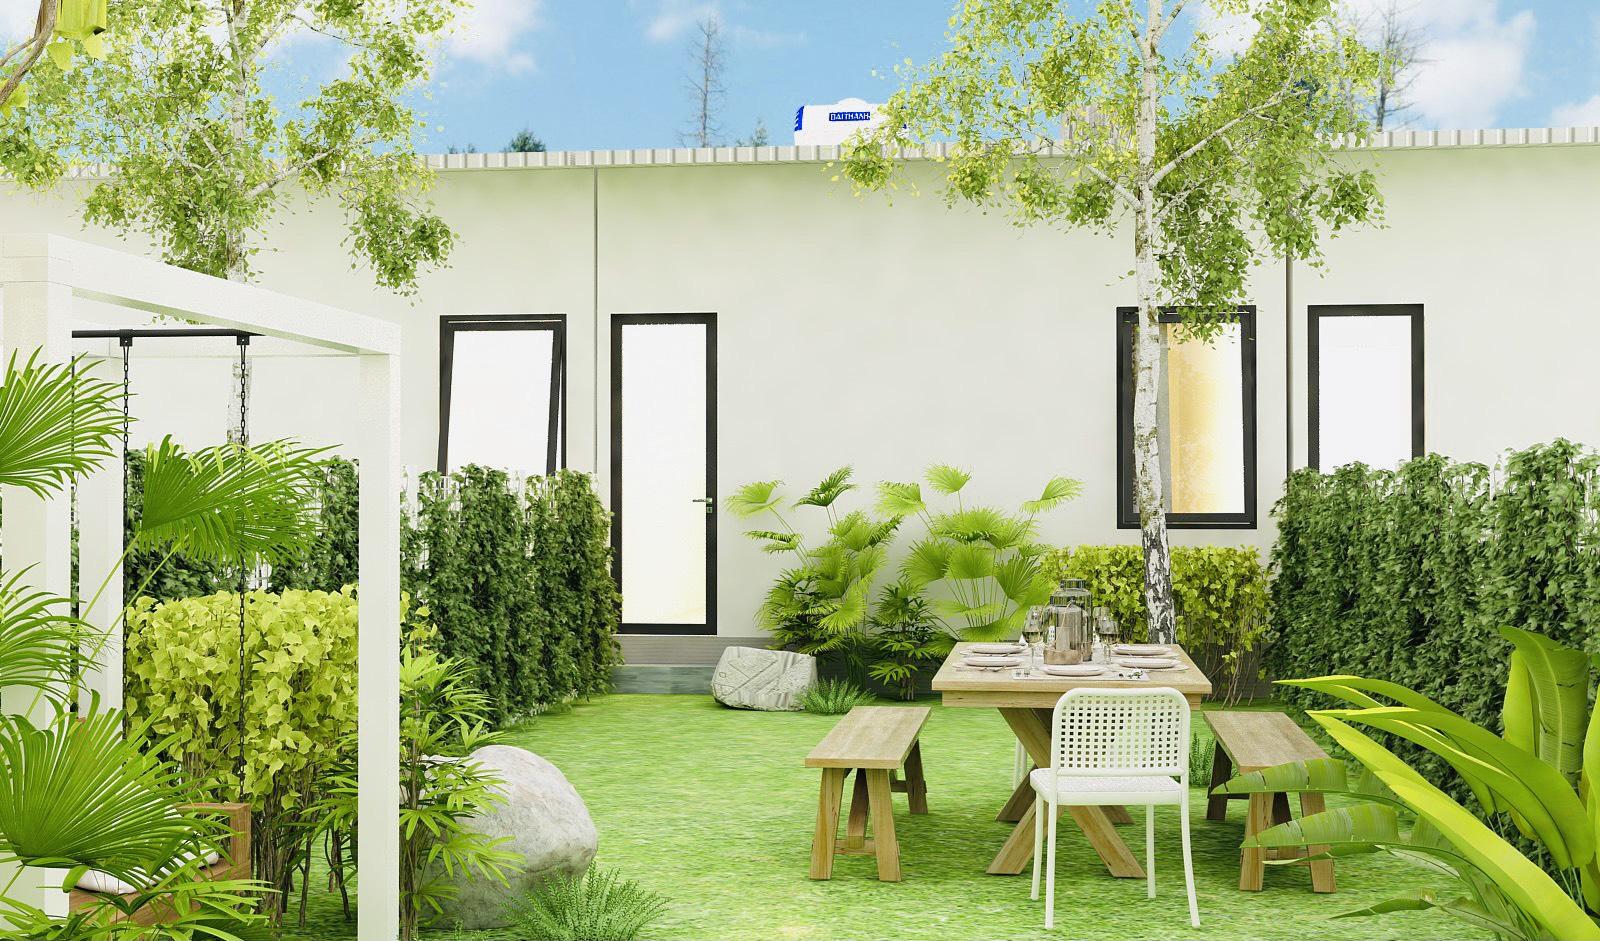 Phong cách thiết kế tinh tế, không gian gần gũi thiên nhiên